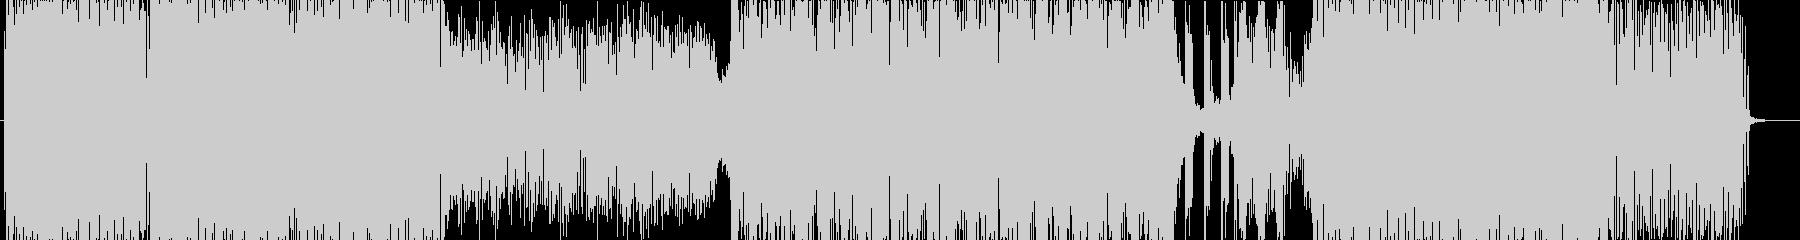 ダンサンブルなトランス曲の未再生の波形